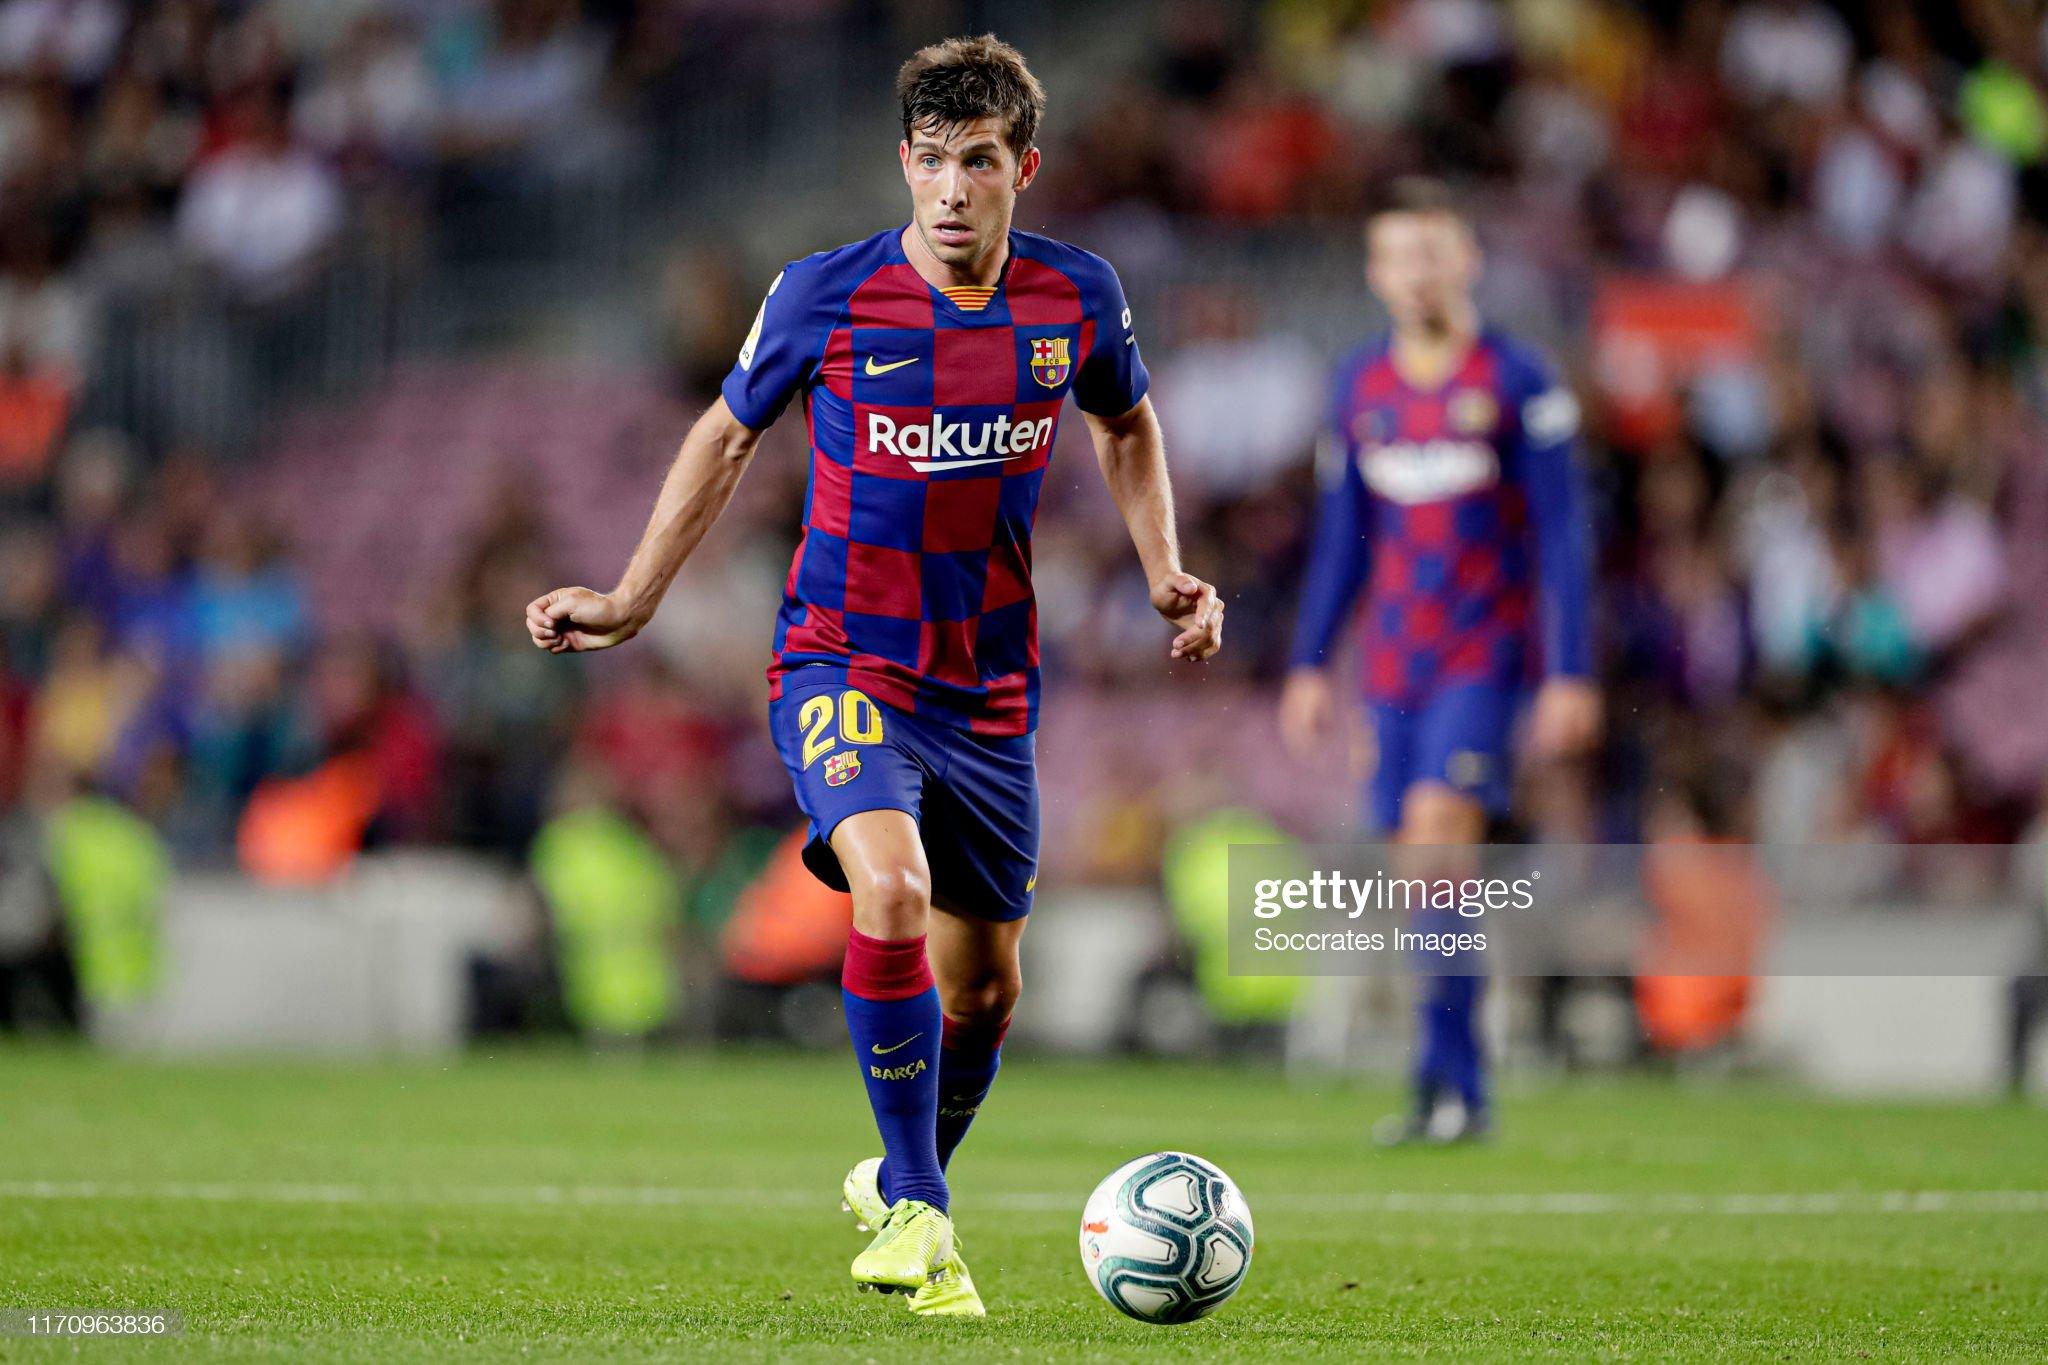 صور مباراة : برشلونة - فياريال 2-1 ( 24-09-2019 )  Sergi-roberto-of-fc-barcelona-during-the-la-liga-santander-match-fc-picture-id1170963836?s=2048x2048